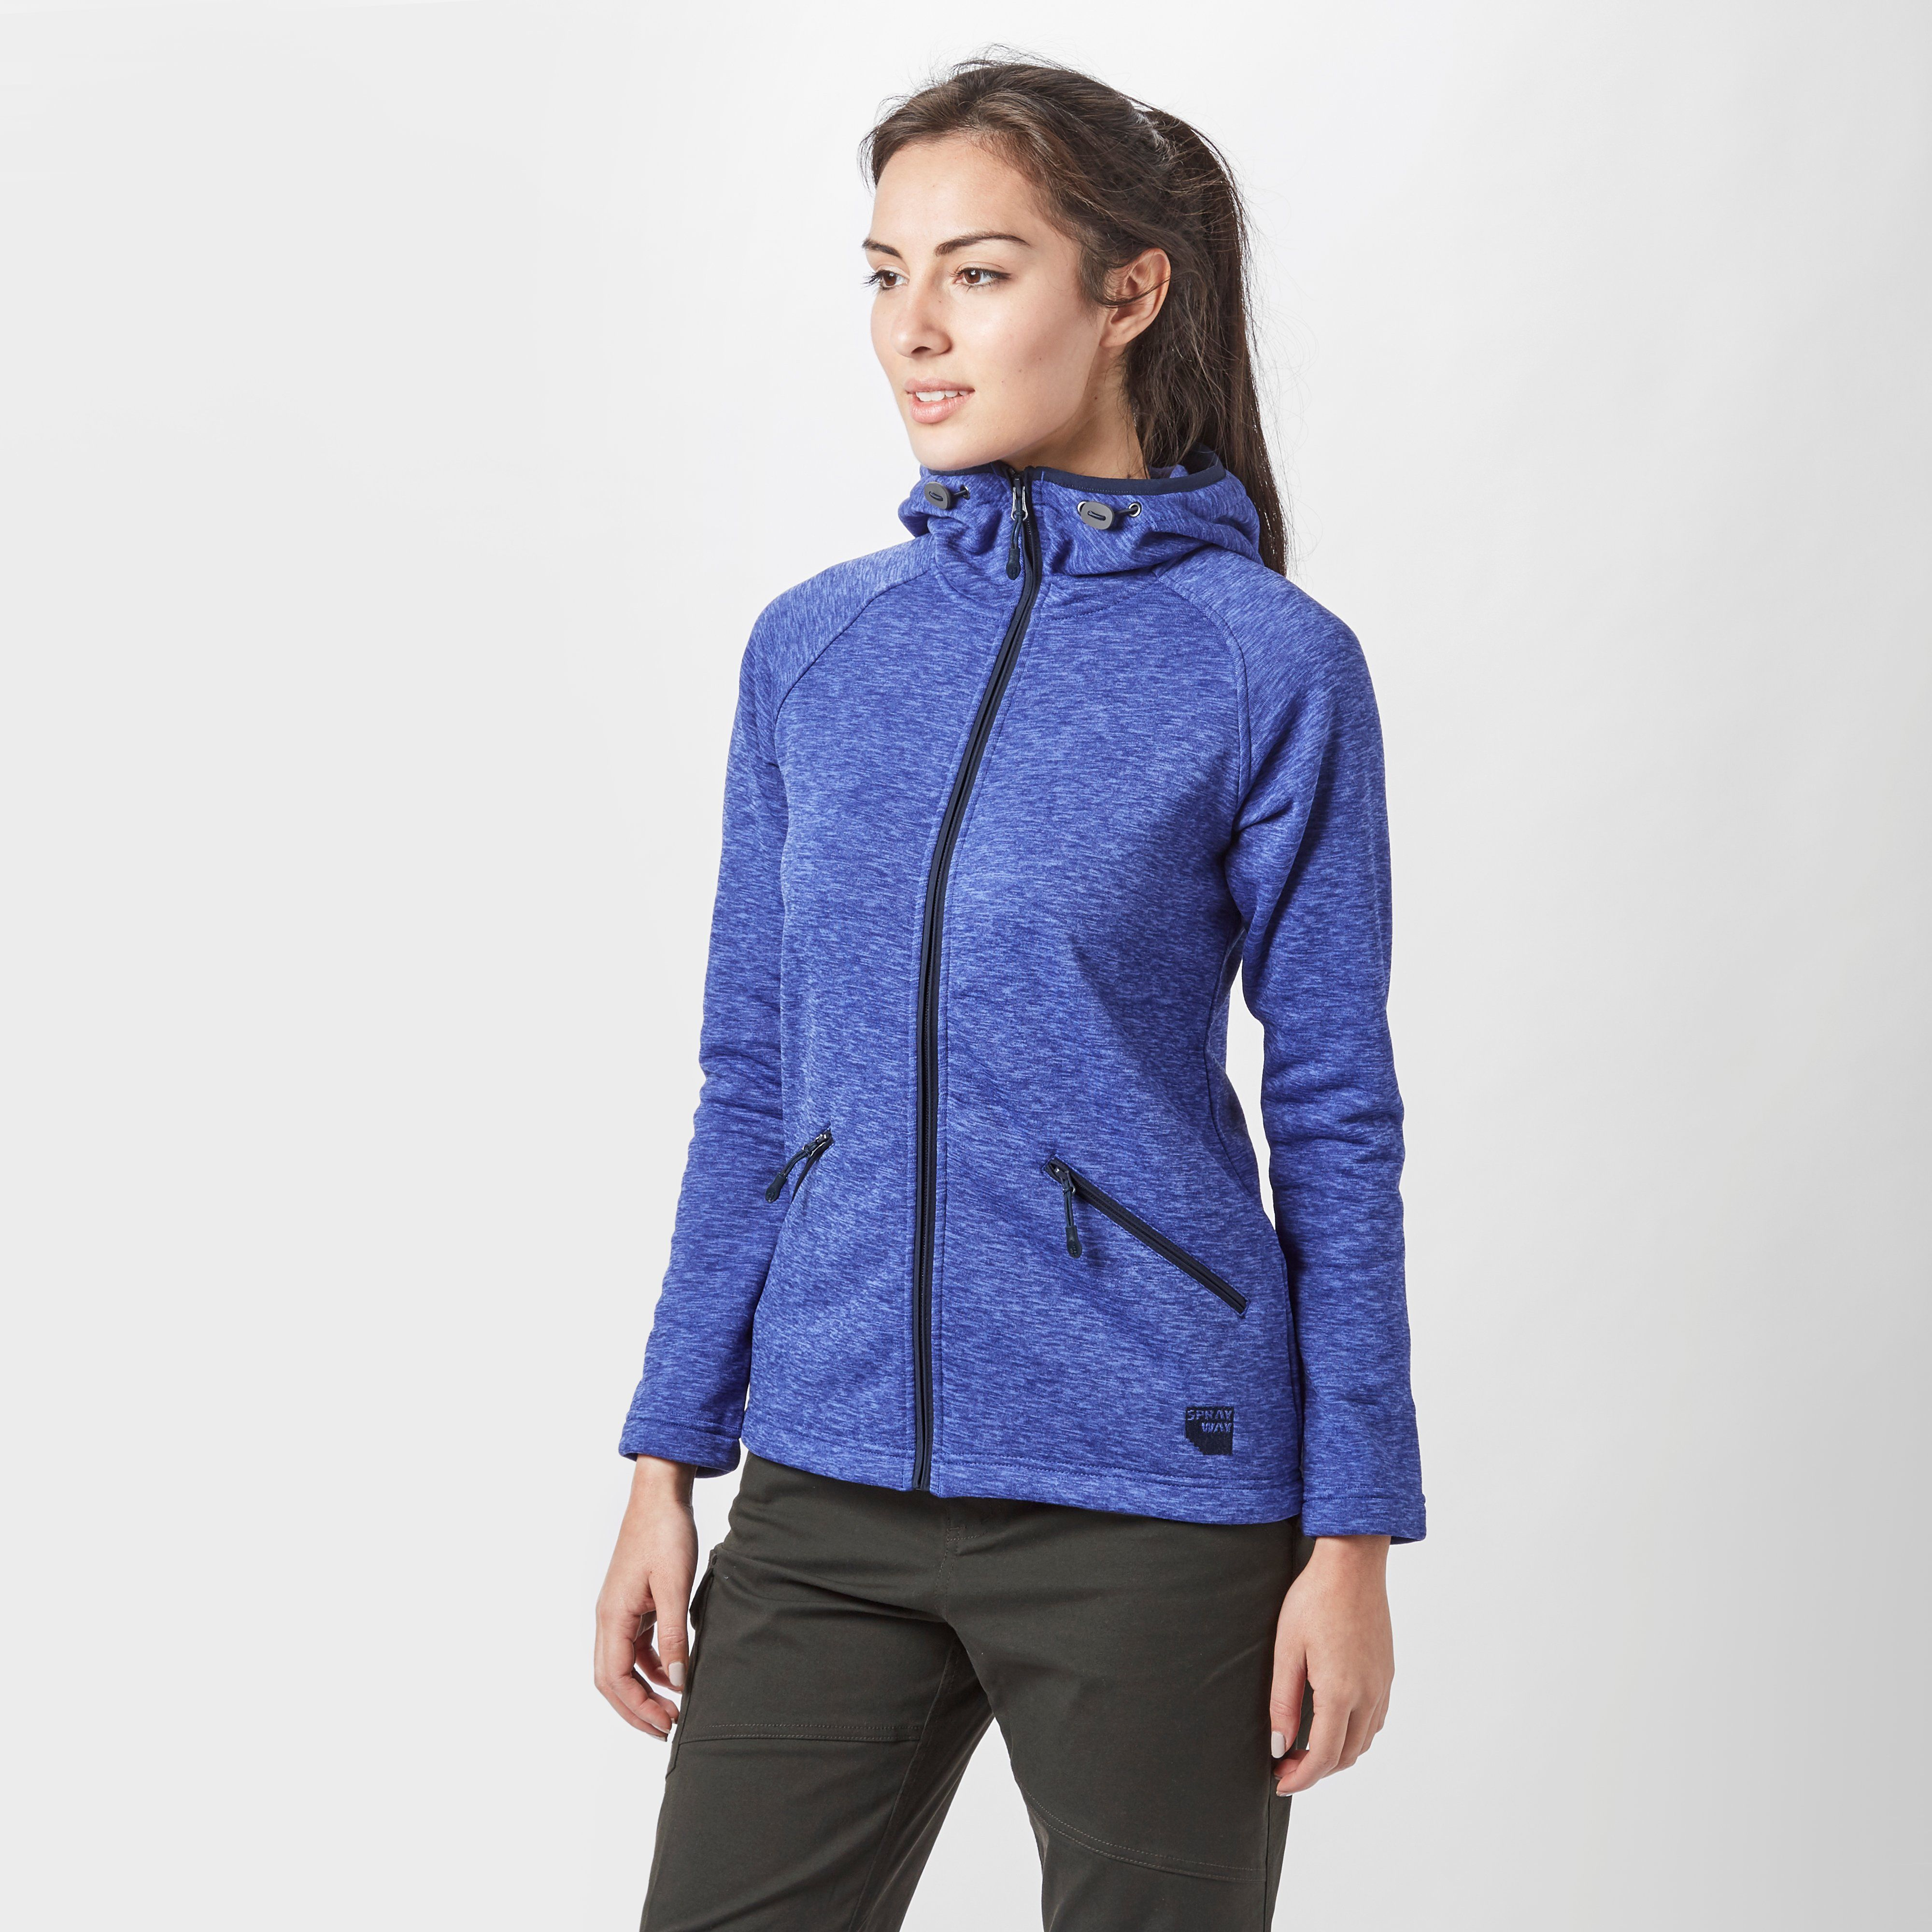 SPRAYWAY Women's Marble Full Zip Fleece Hoodie